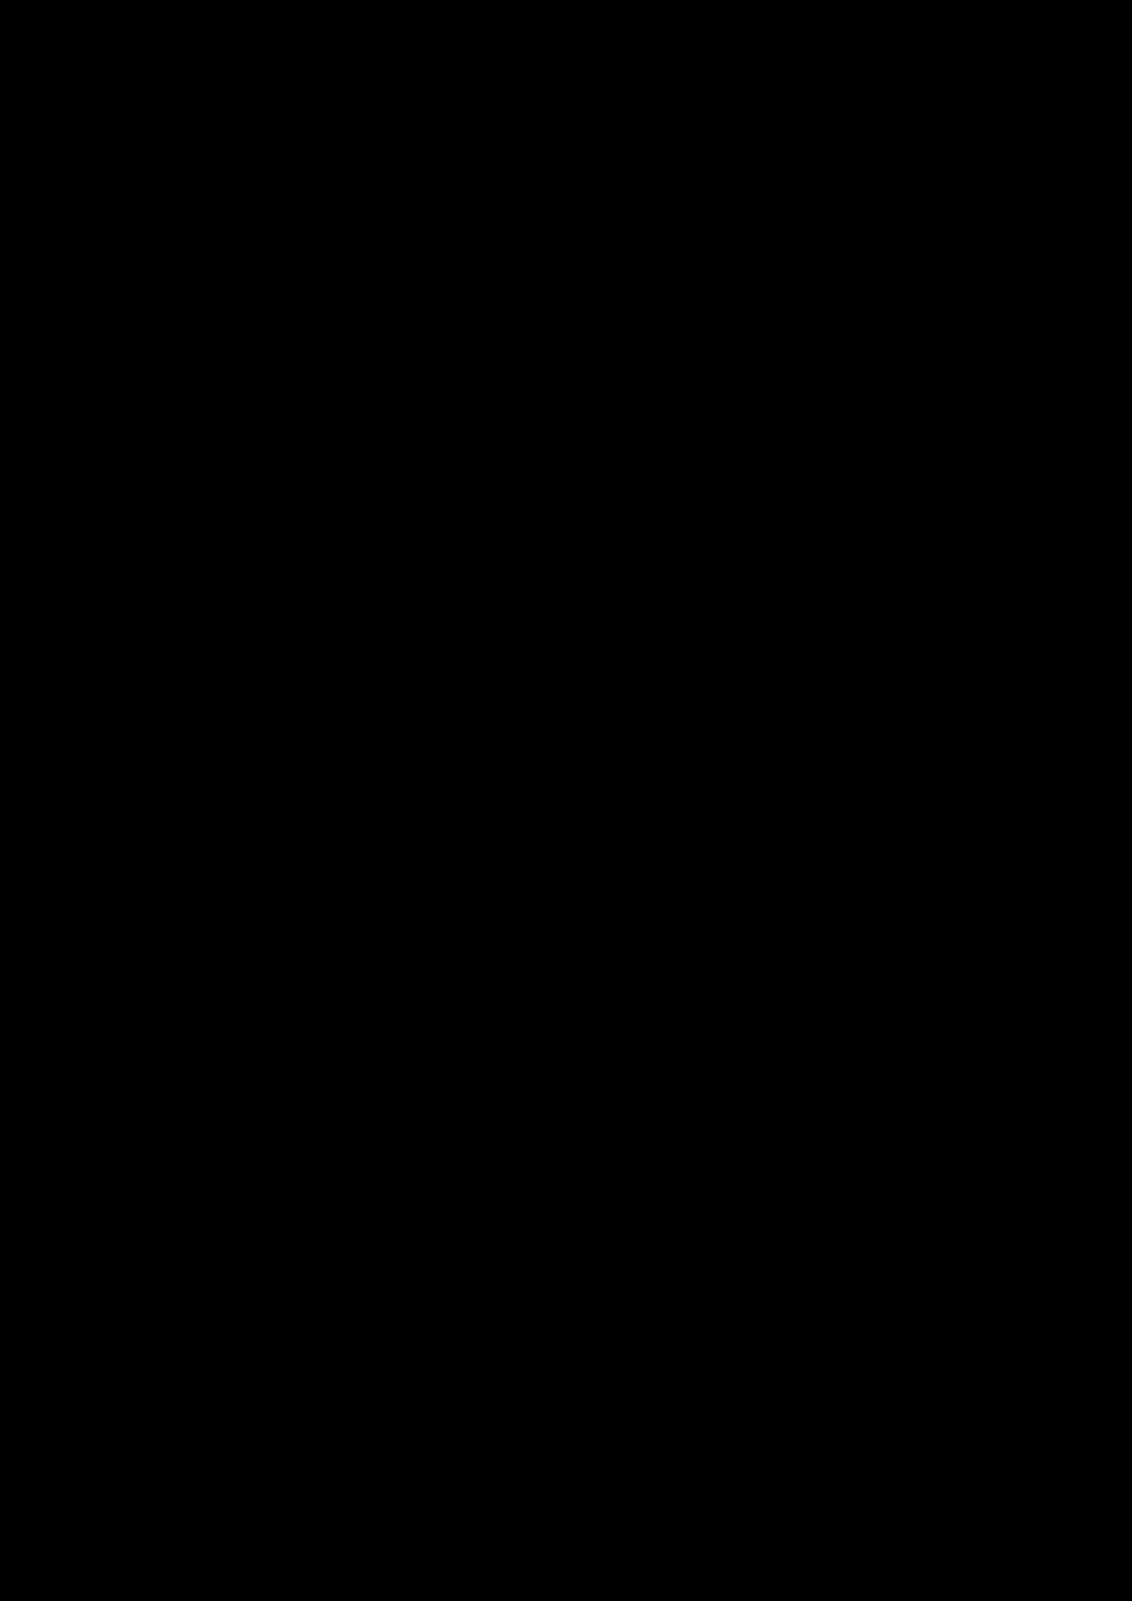 Serdtse slide, Image 27